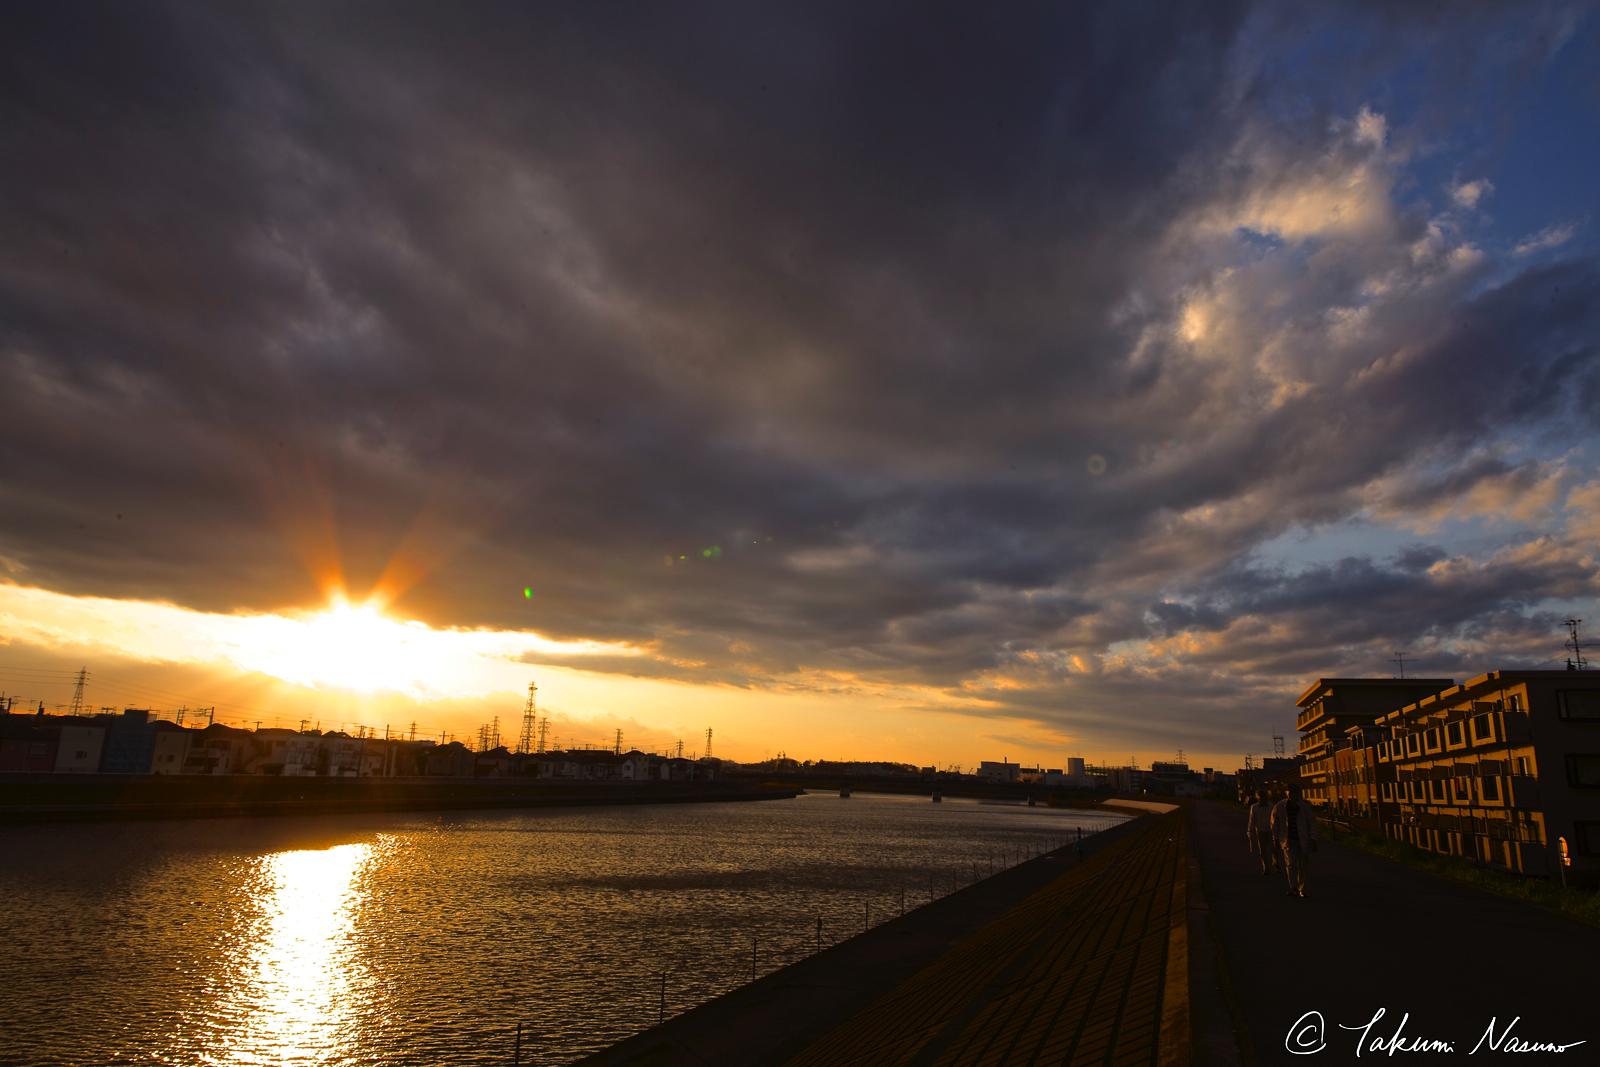 Tsurumi_Tsurumi-River_w05